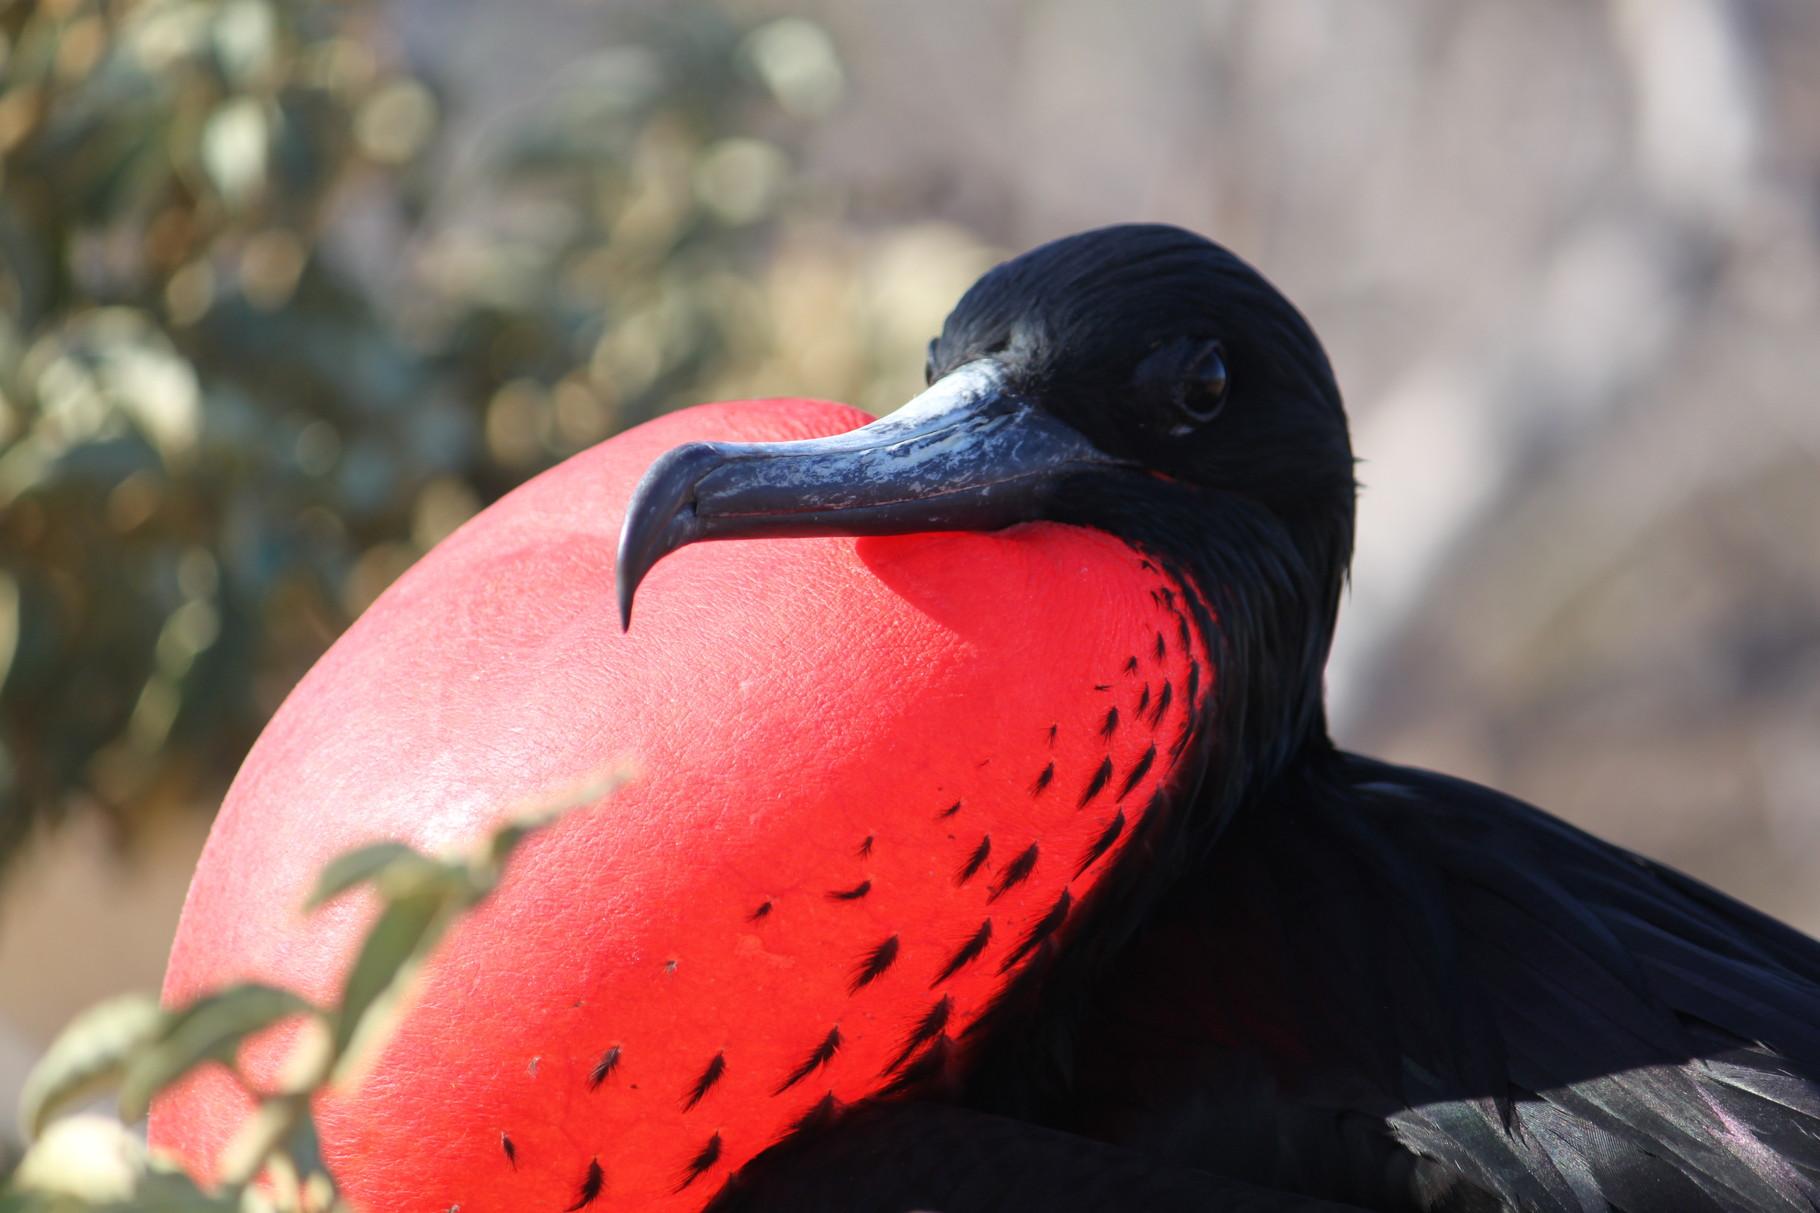 Galápagos Inseln: Balzendes Fregattvogel-Männchen auf der Insel Nord Seymour